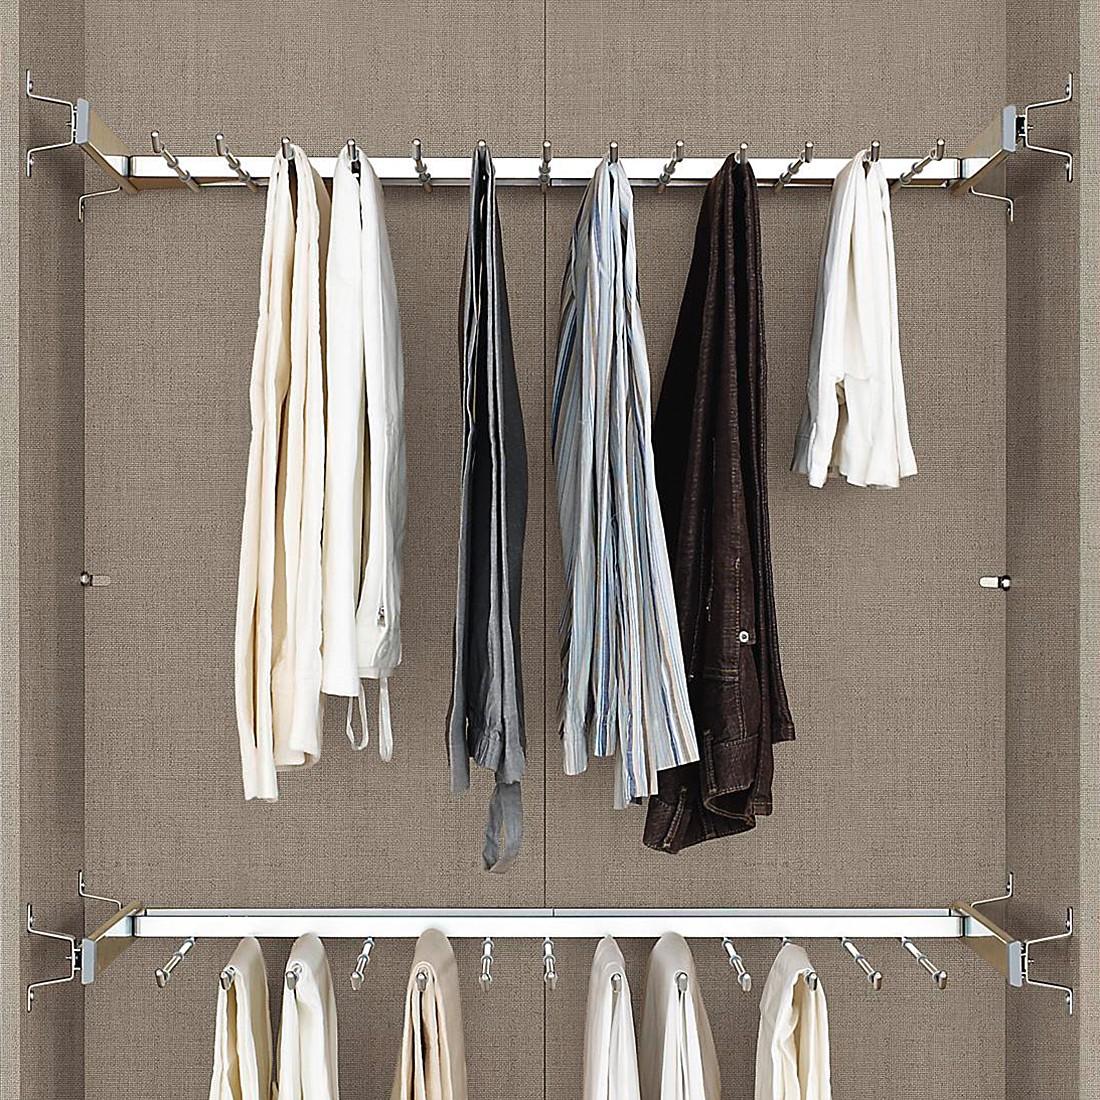 nett hosenauszug f r kleiderschrank bilder die besten einrichtungsideen. Black Bedroom Furniture Sets. Home Design Ideas